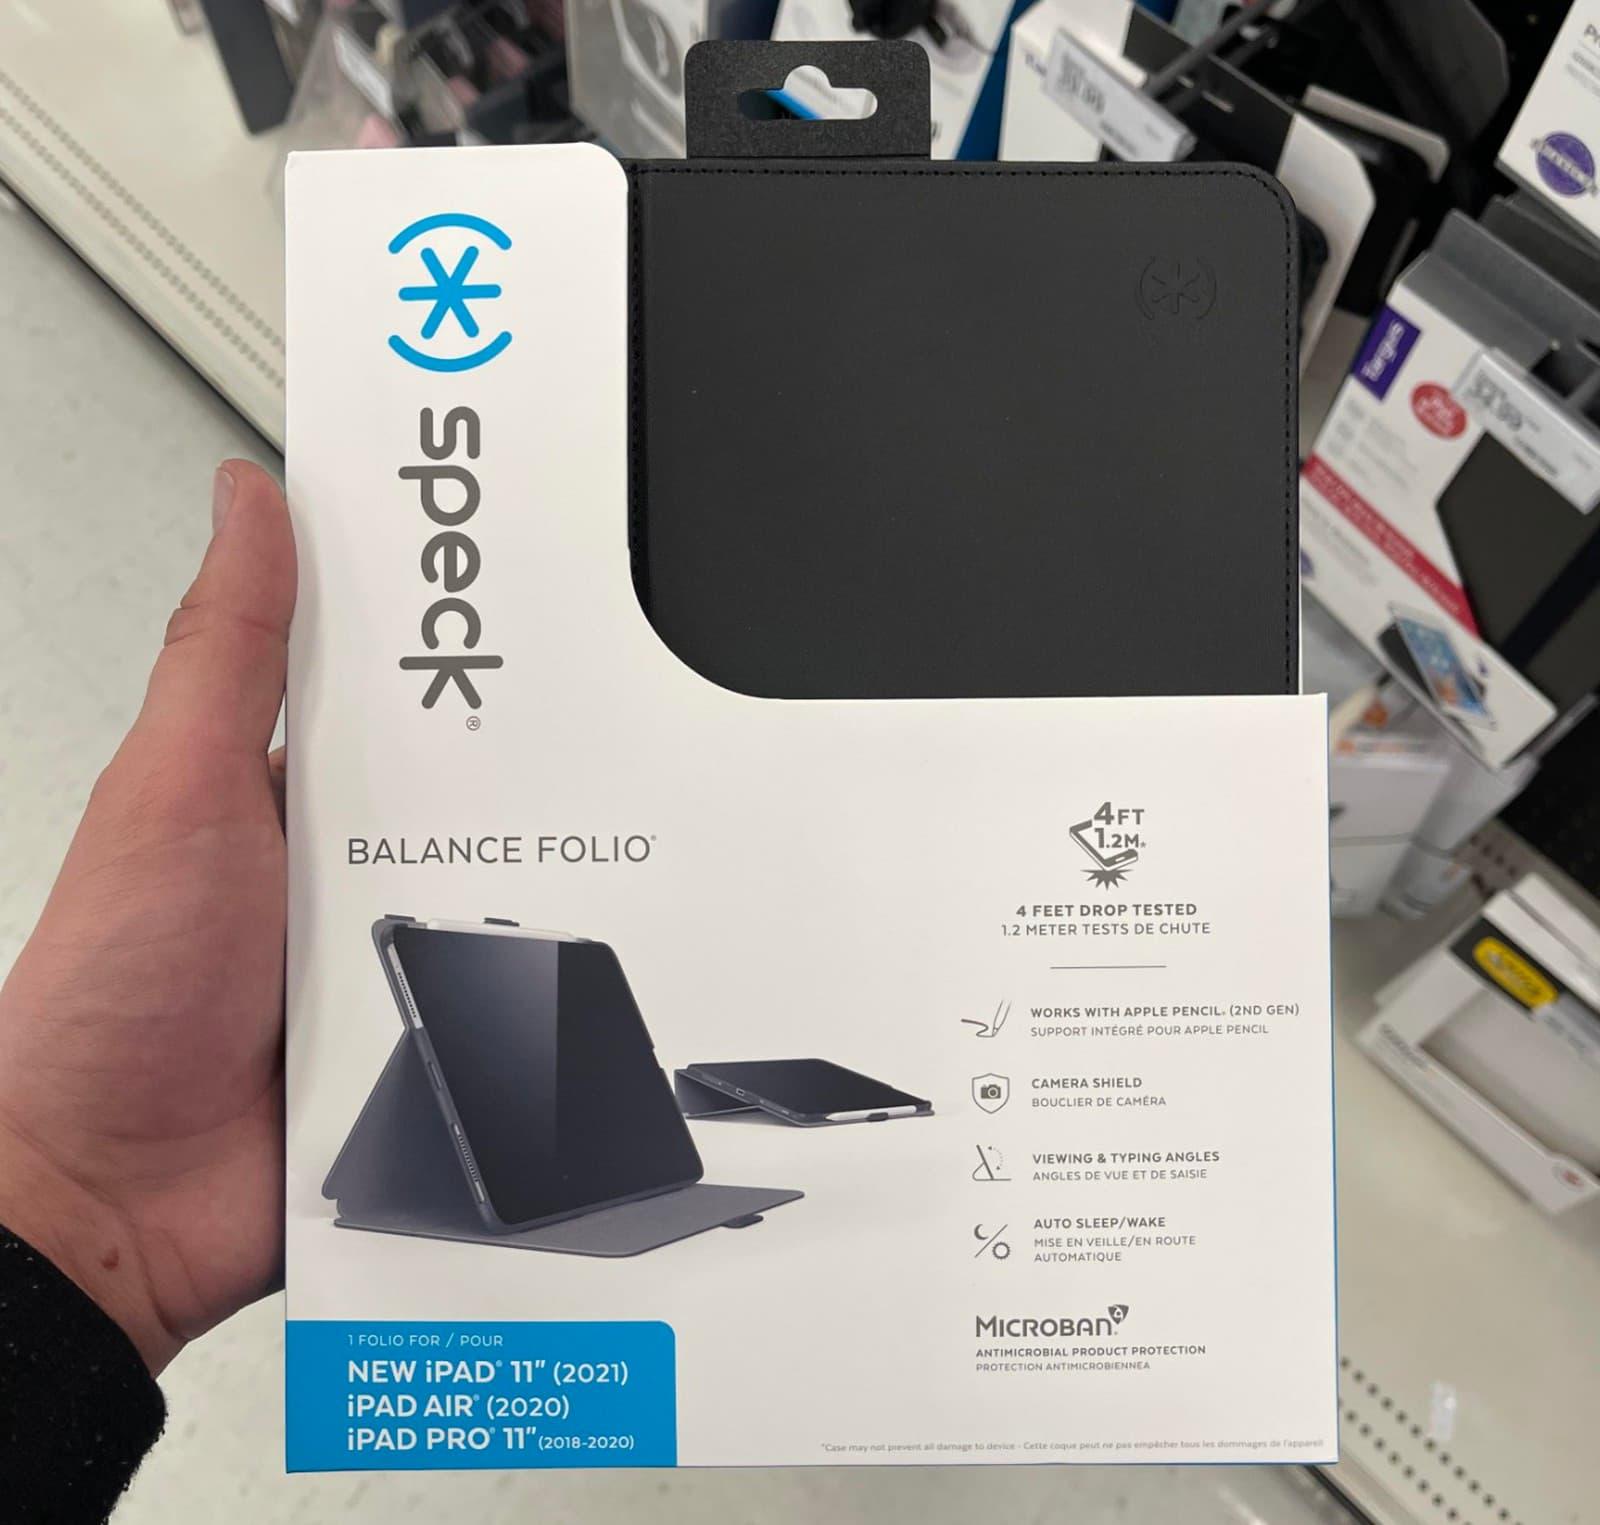 2021款iPad Pro保護殼在國外賣場曝光,店員暗示4月開賣1